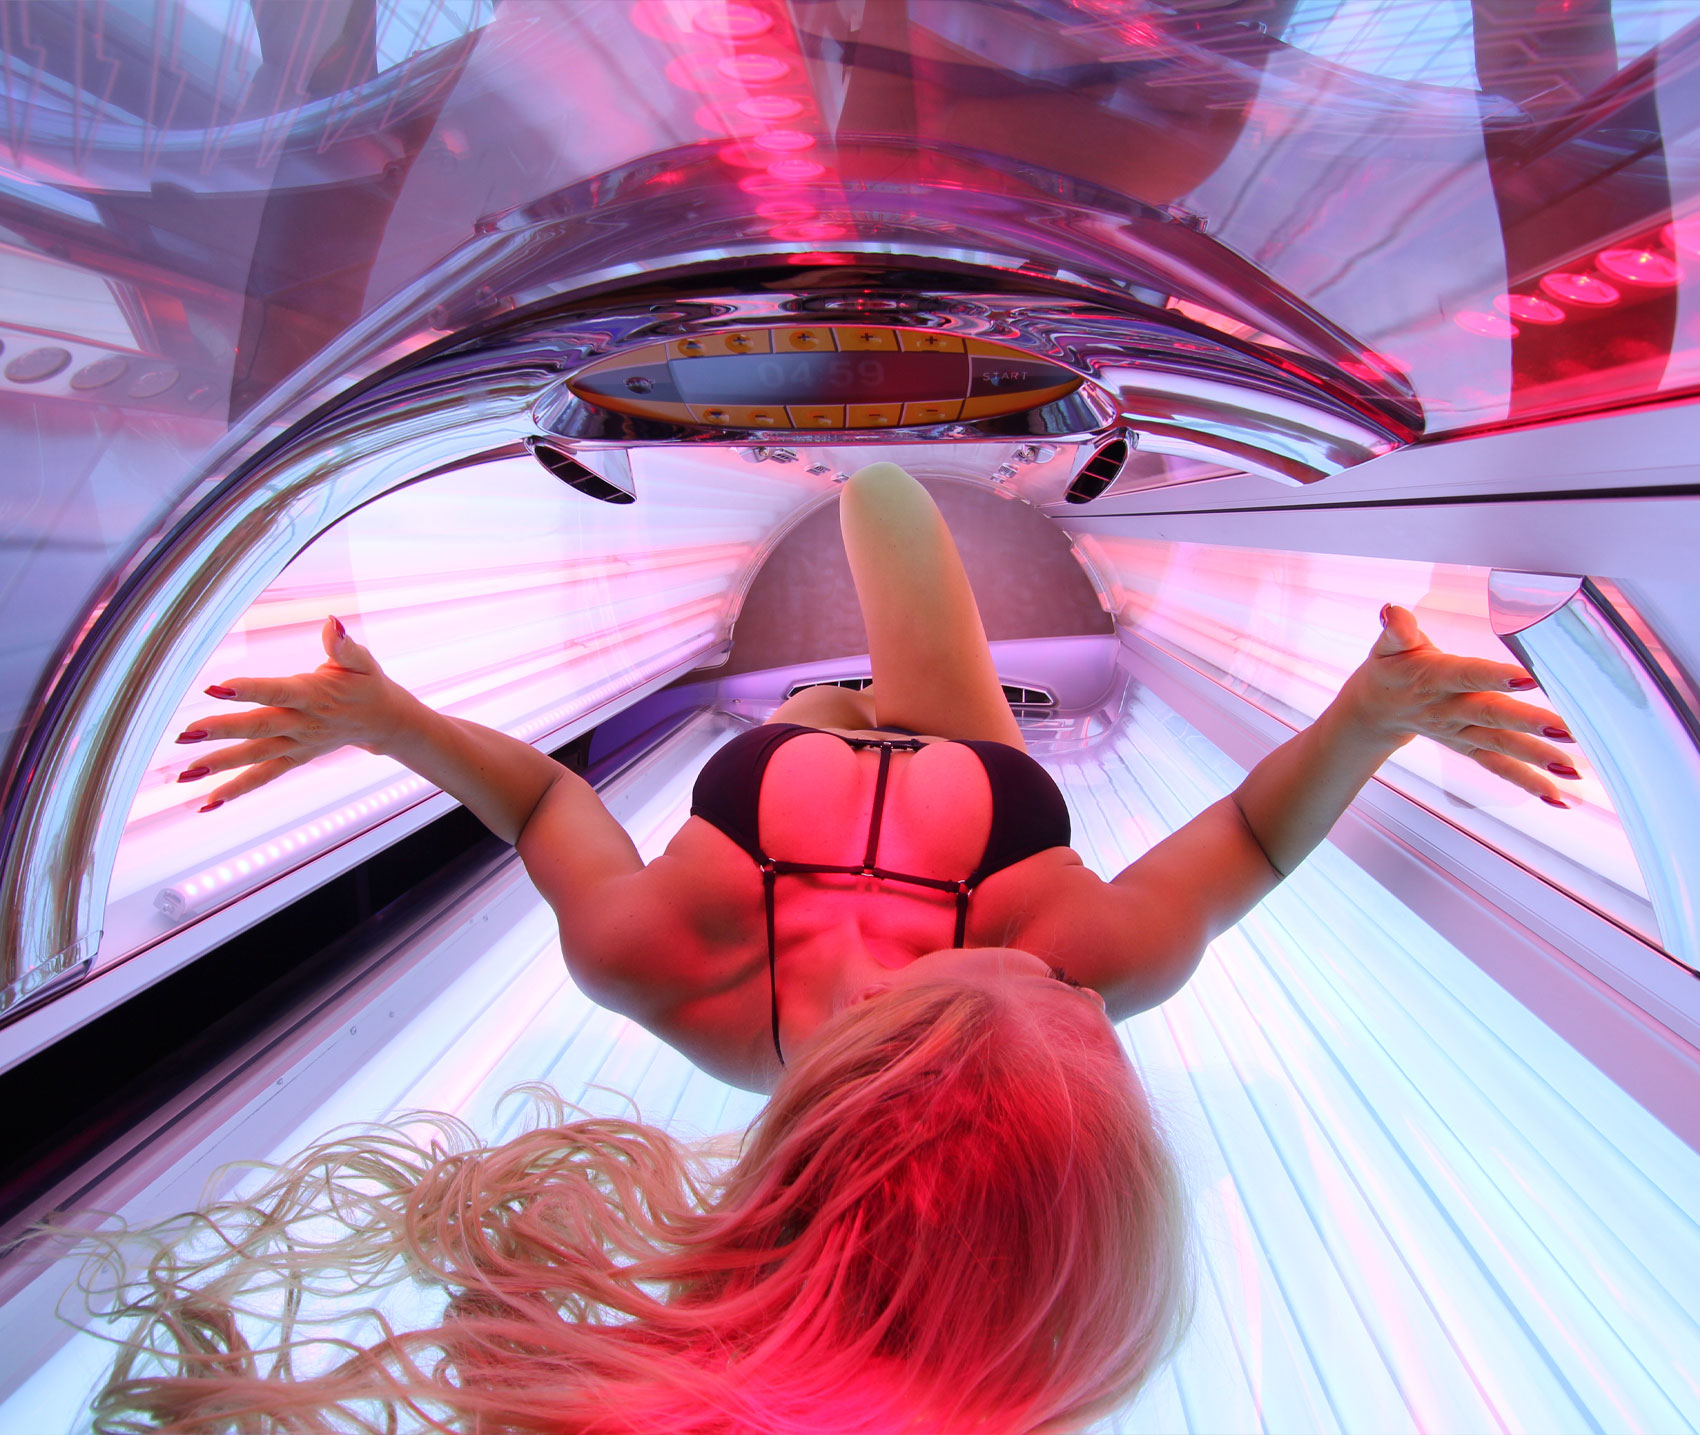 blonde girl in solarium